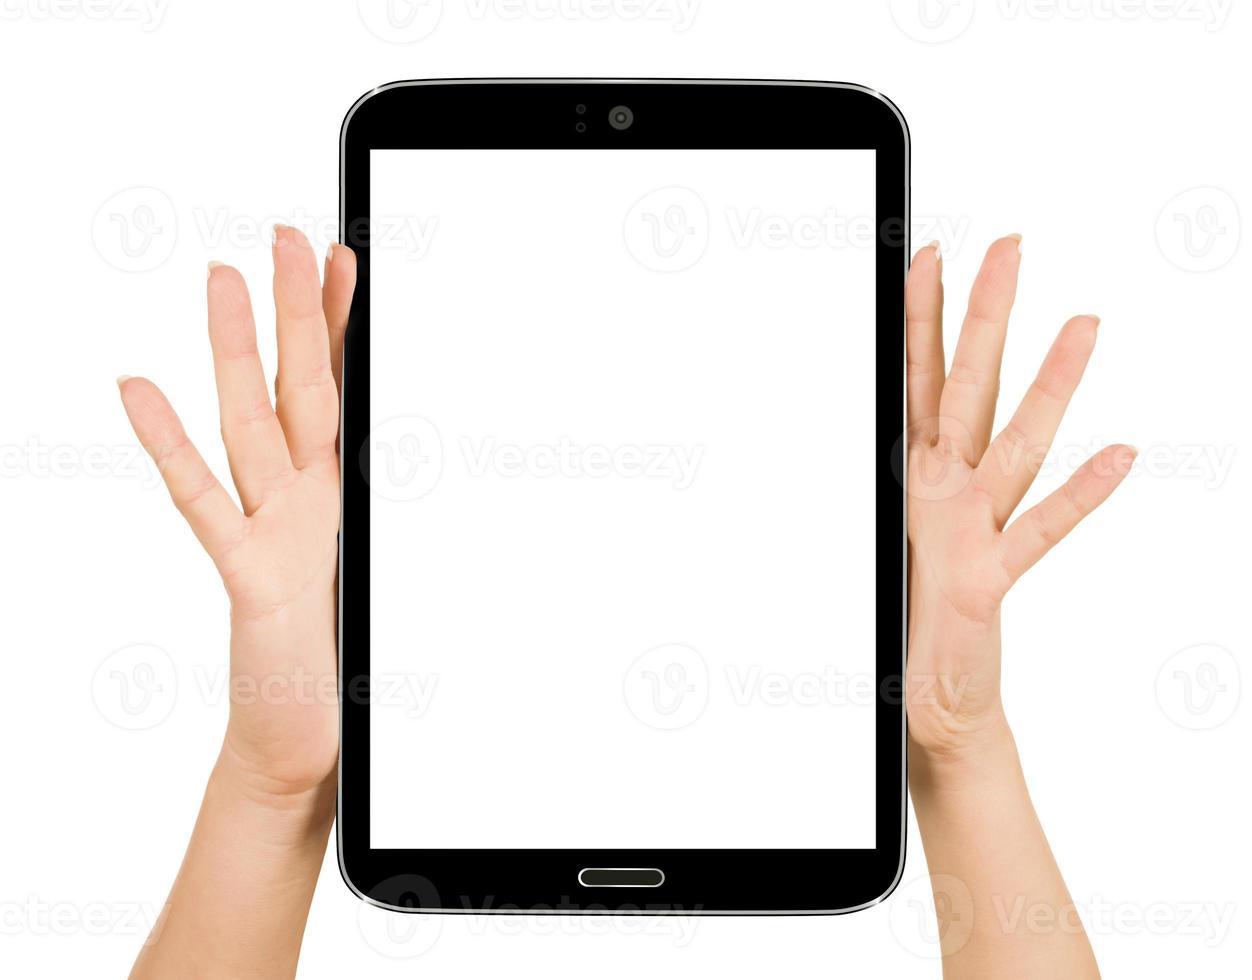 kvinnliga händer som håller en surfplatta för datoradget med foto